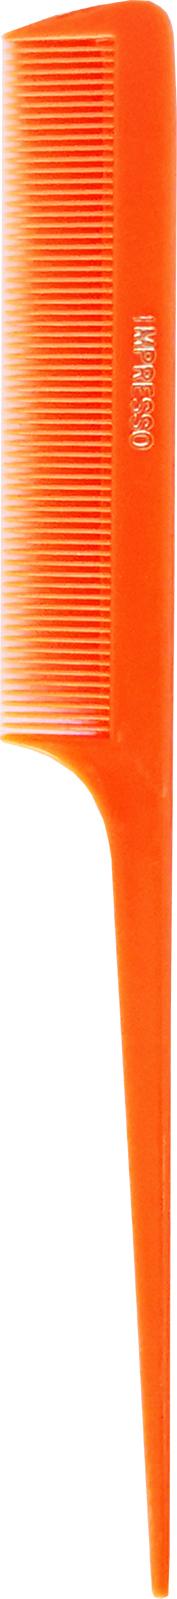 """Tri-Pack Impresso Neon Rat Tail Comb 8.5""""- Orange"""